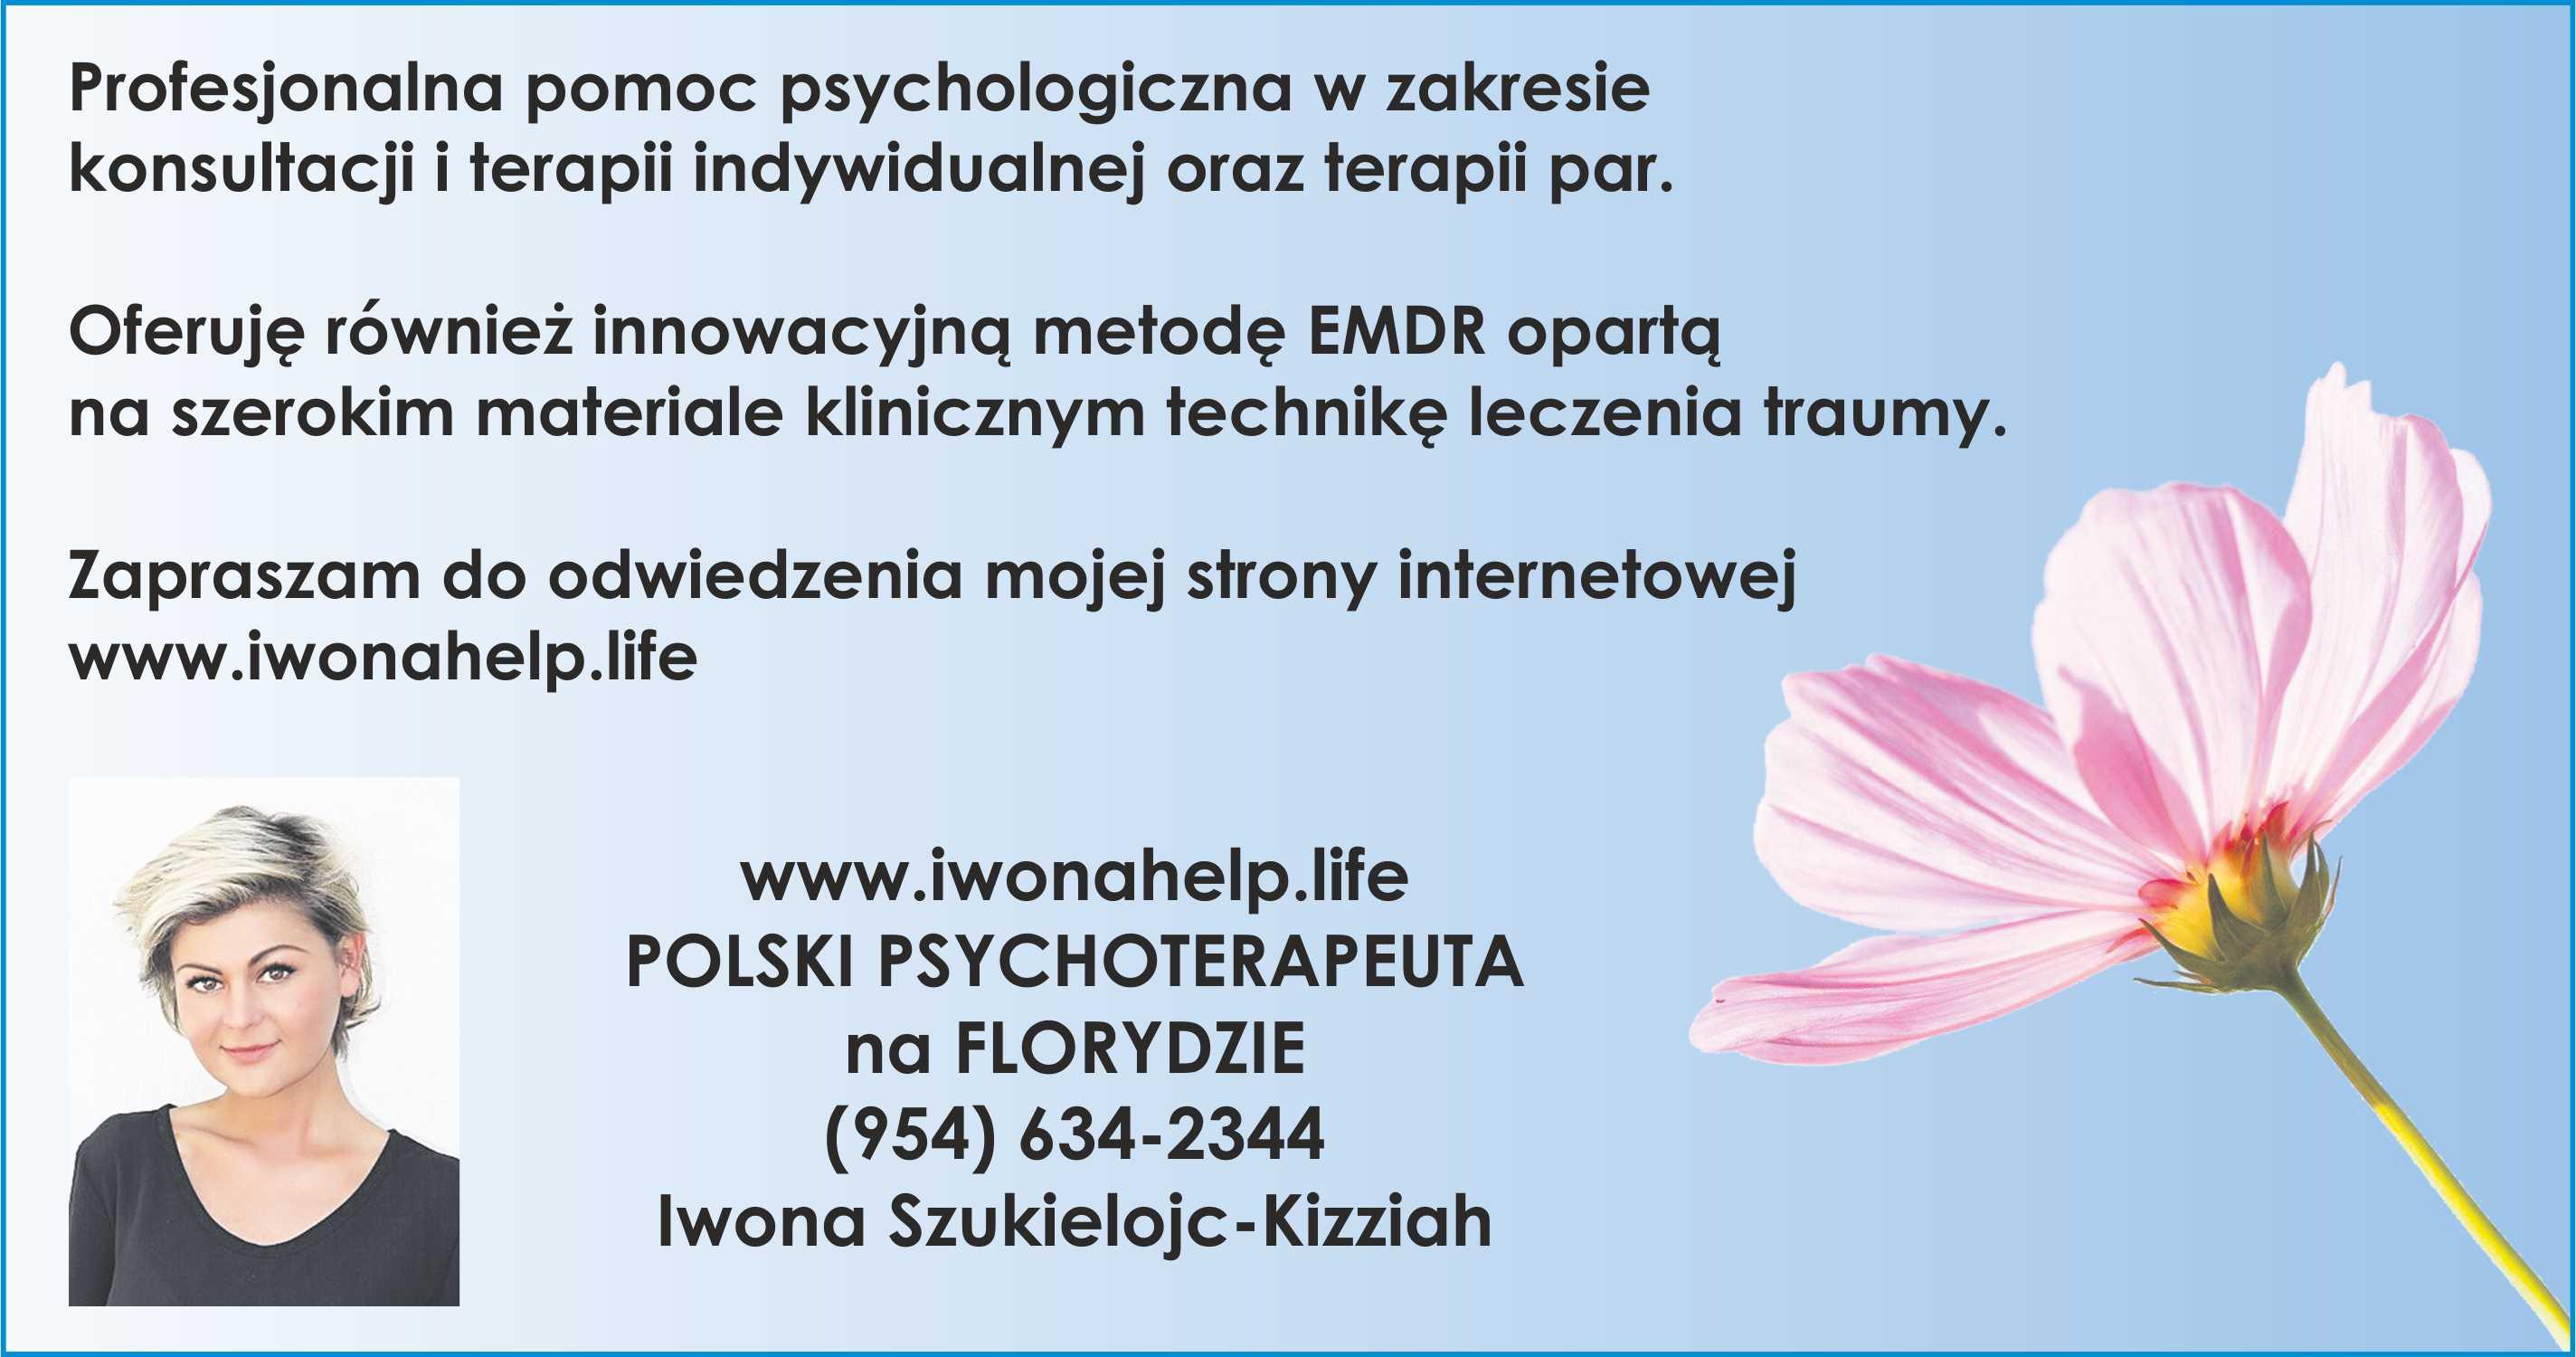 iwona szukielojc-kizzach - Polish psychotherapist